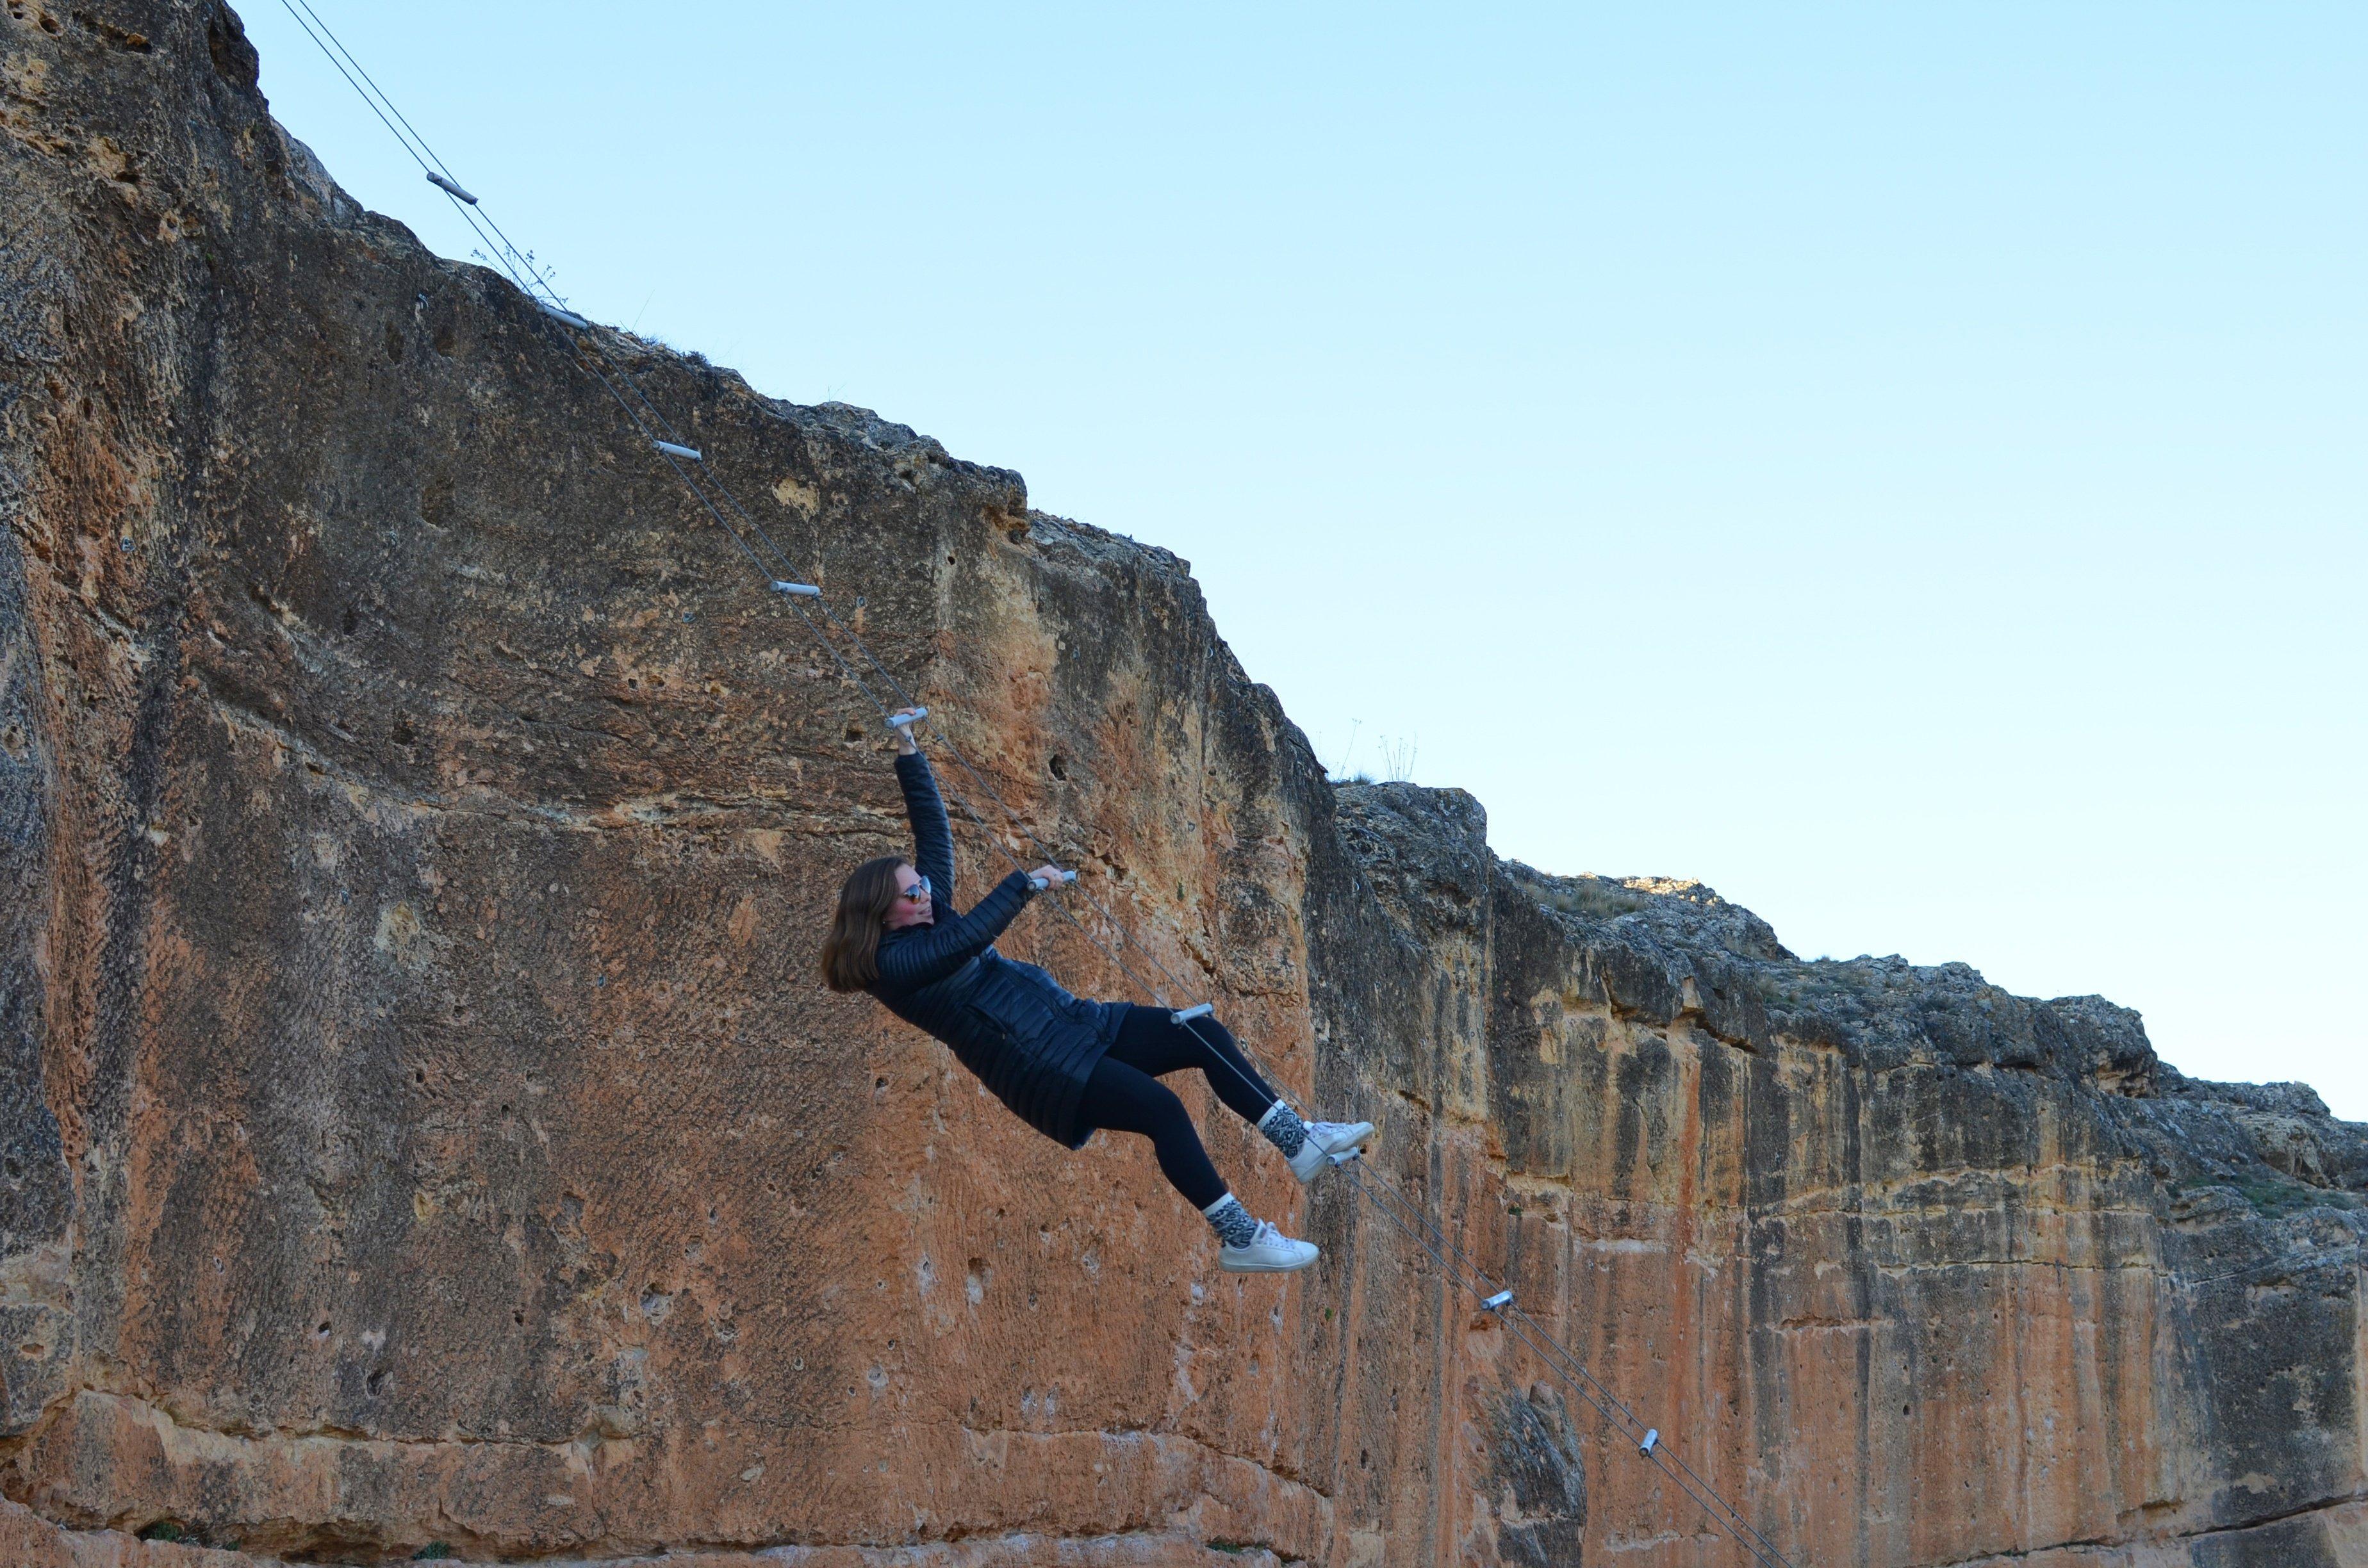 Proctor en Segovia explores the trails that encircle Segovia's old quarter